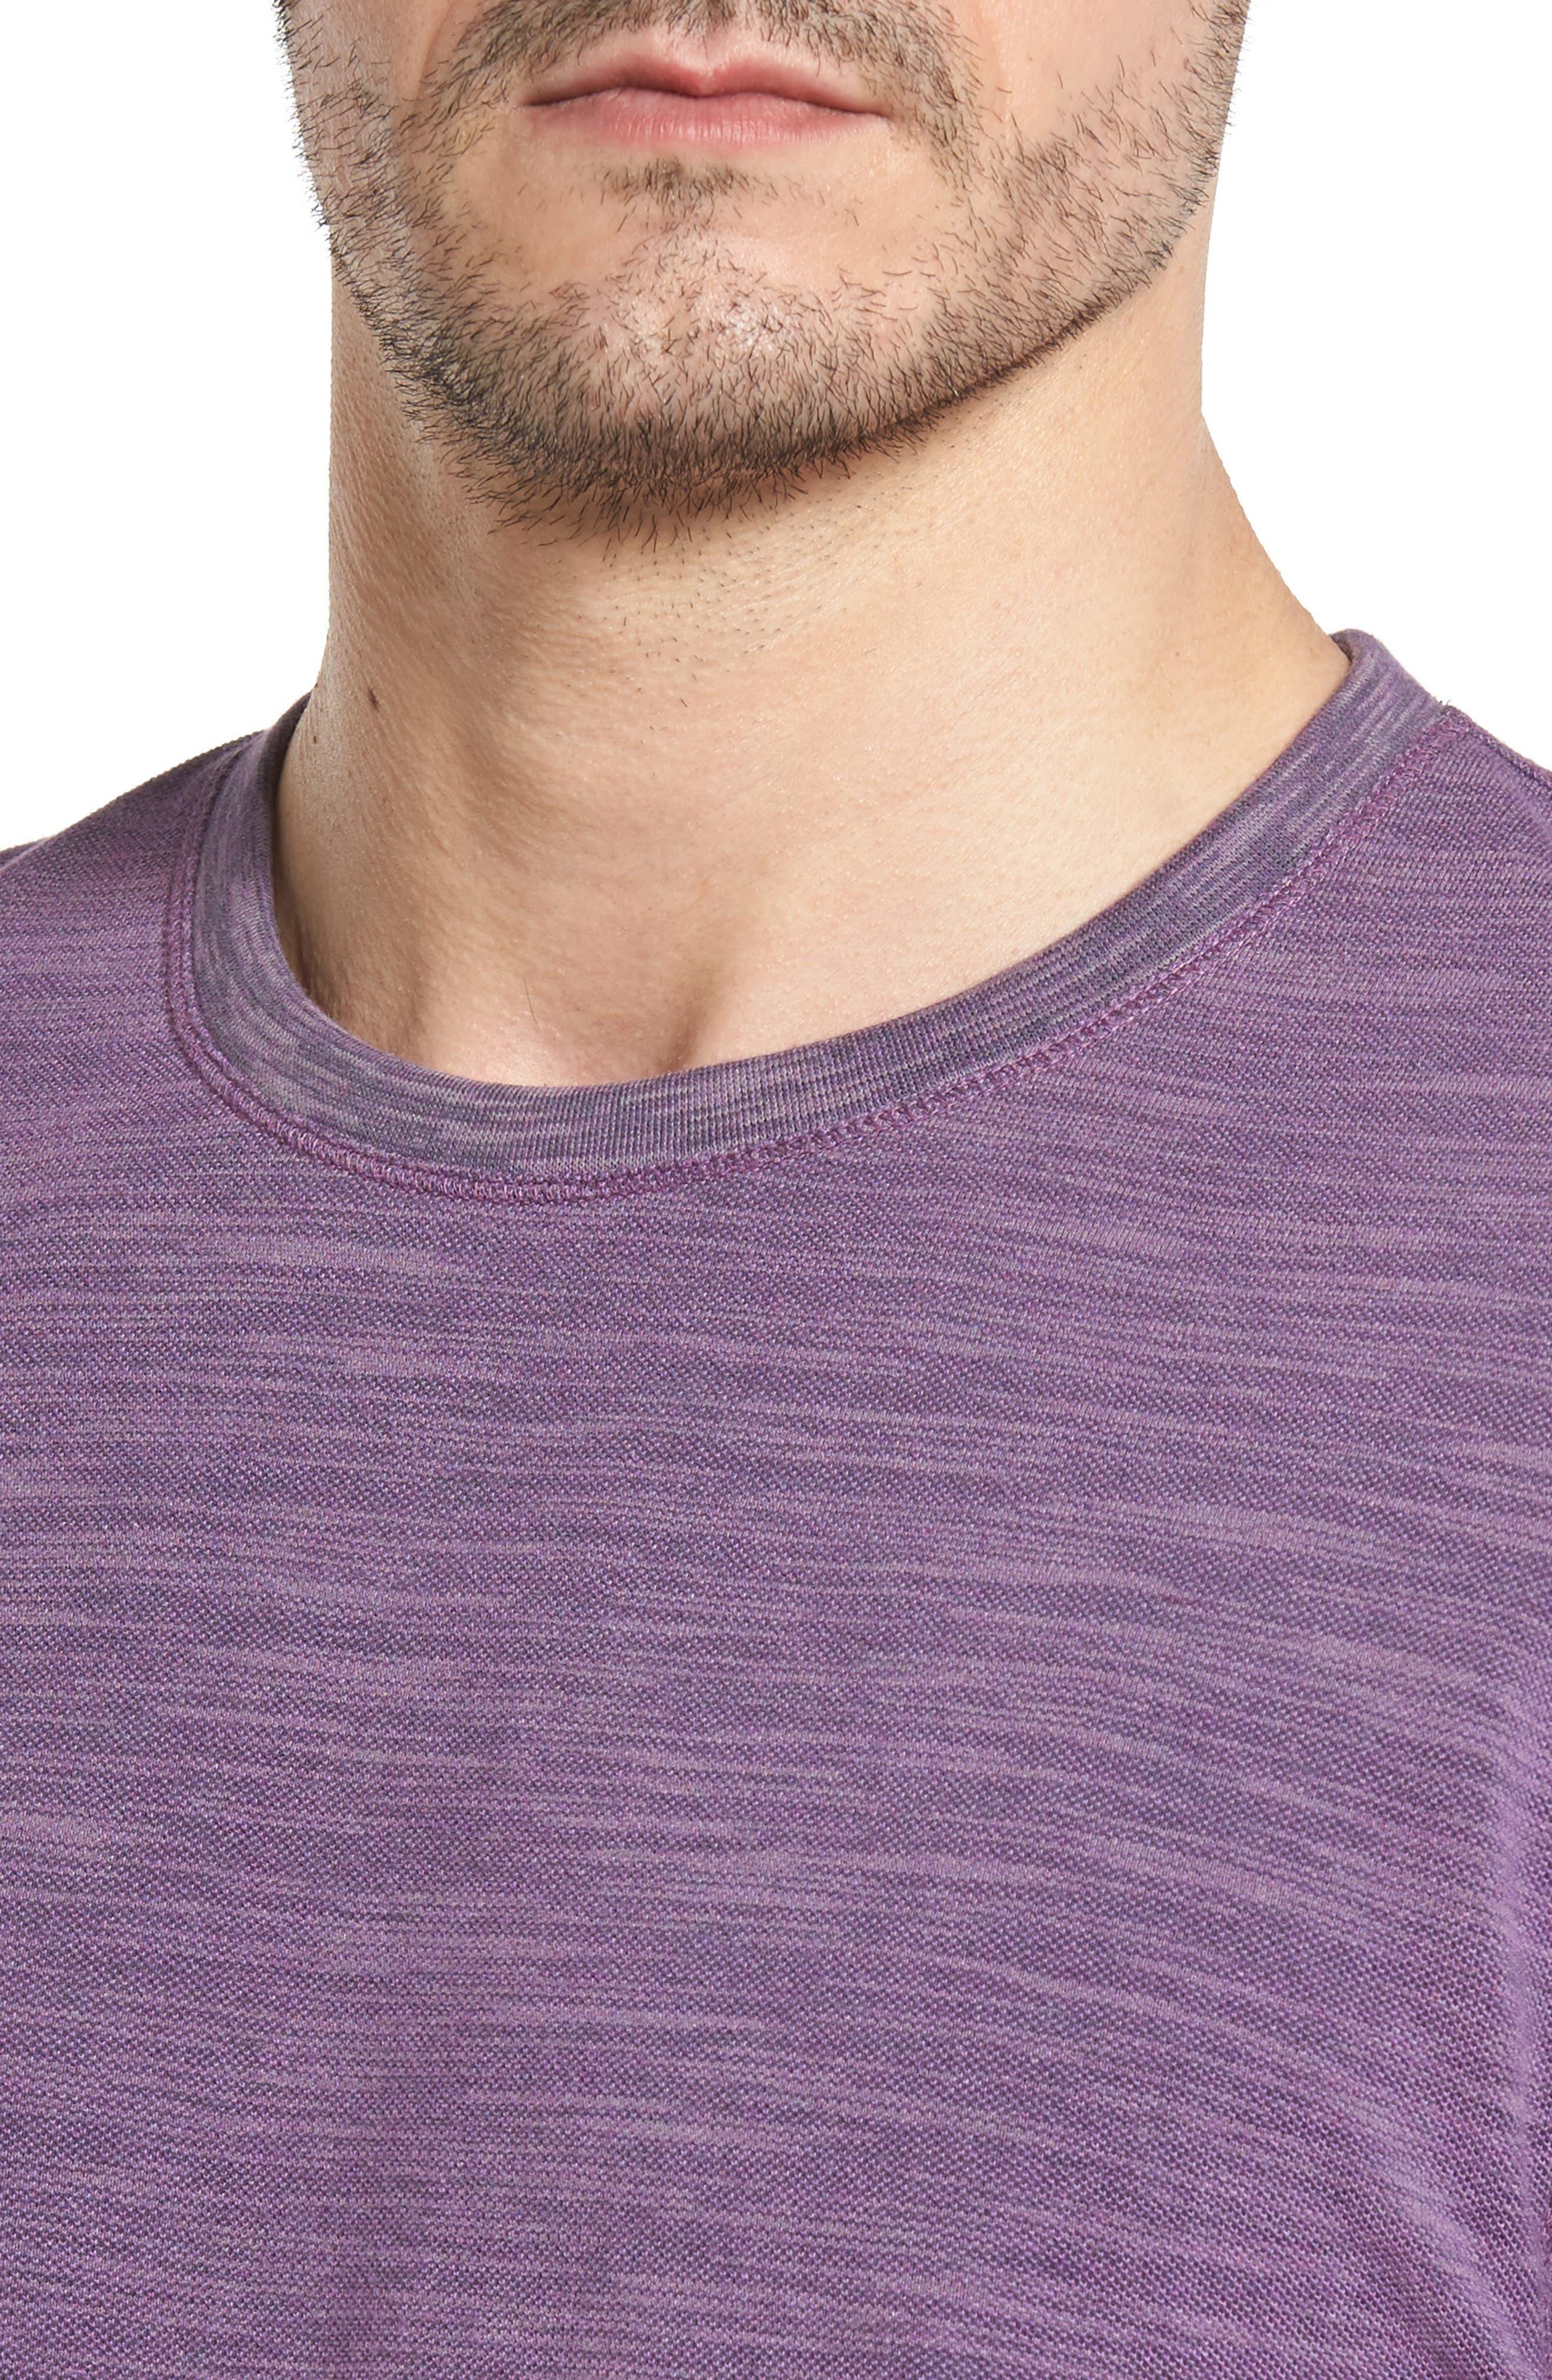 Paxton Space Dye Piqué T-Shirt,                             Alternate thumbnail 4, color,                             Purple